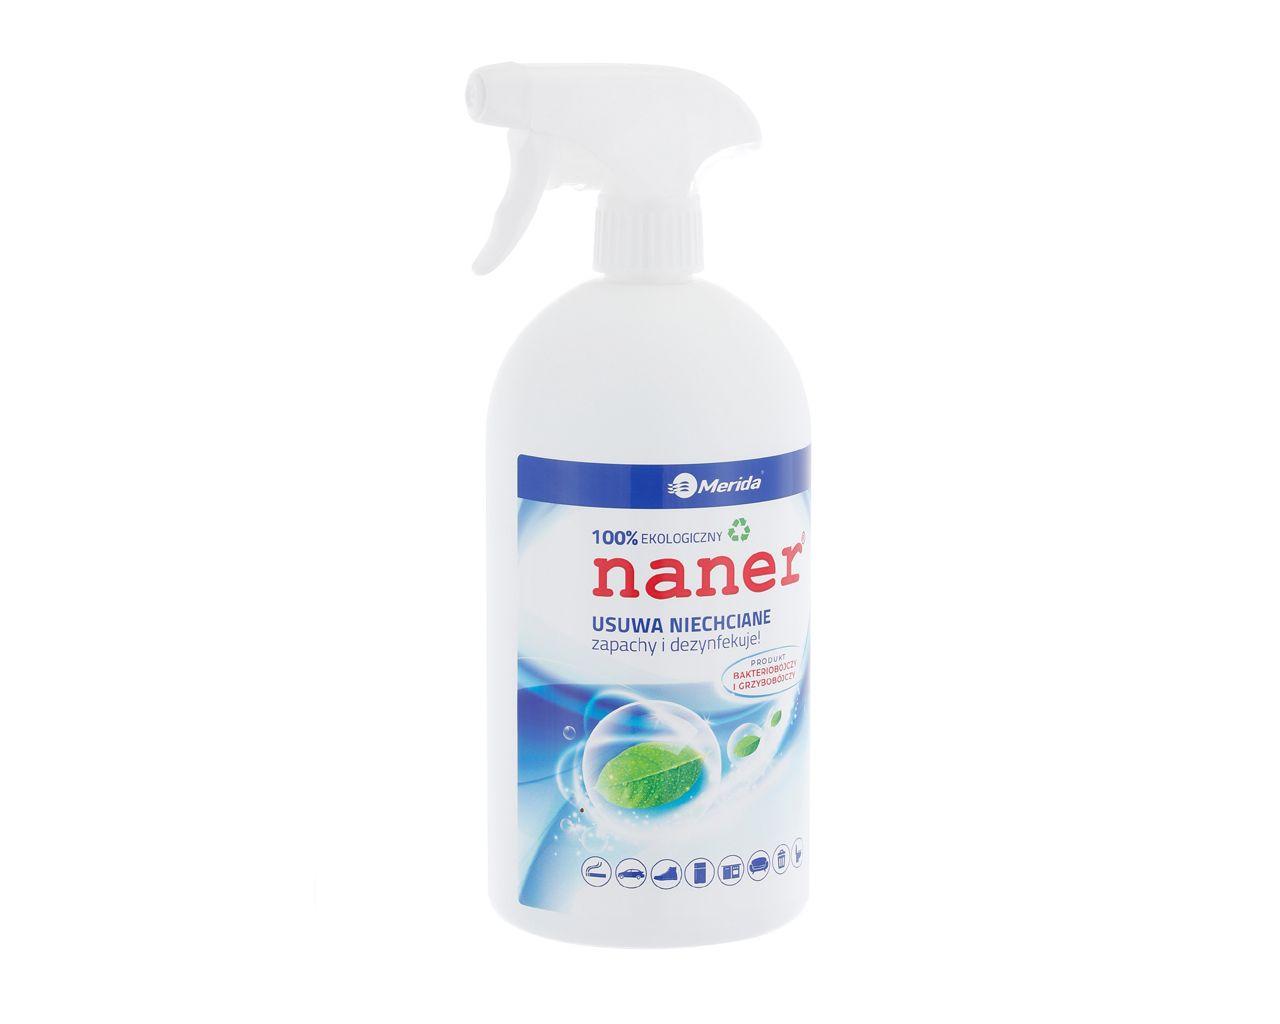 NANER dezynfekujący preparat neutralizujący zapachy, butelka 1 l ze spryskiwaczem